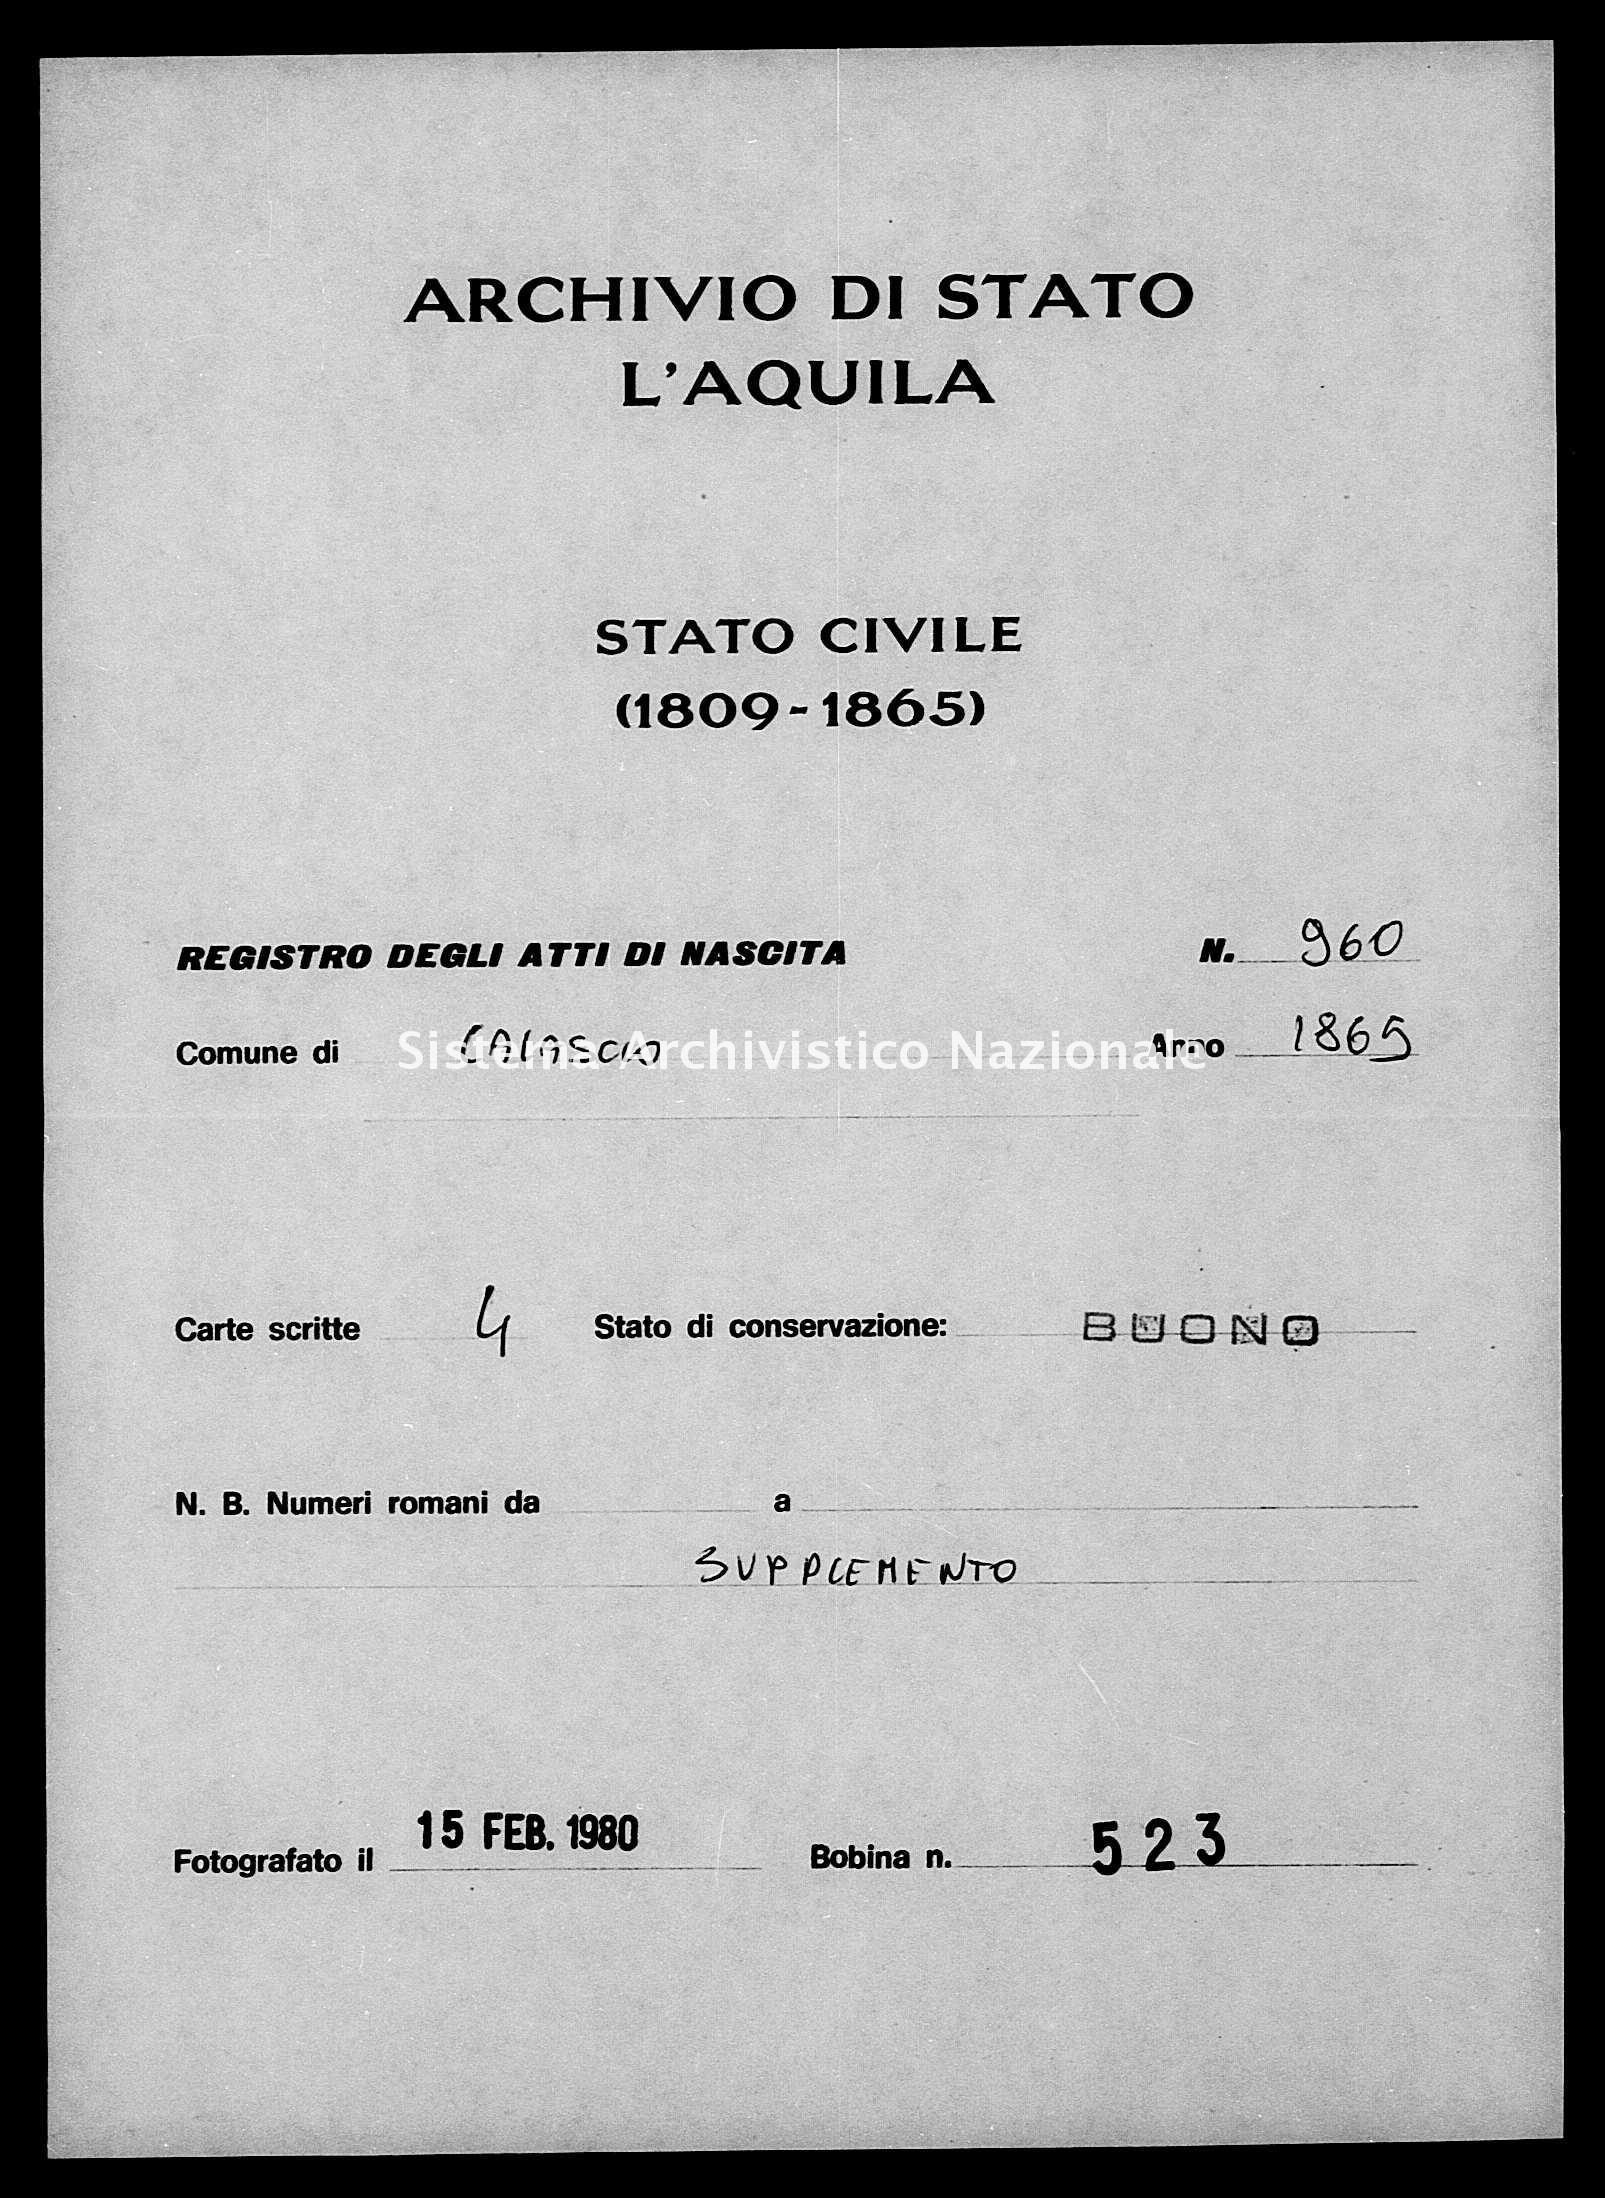 Archivio di stato di L'aquila - Stato civile italiano - Calascio - Nati, esposti - 1865 - 960 -